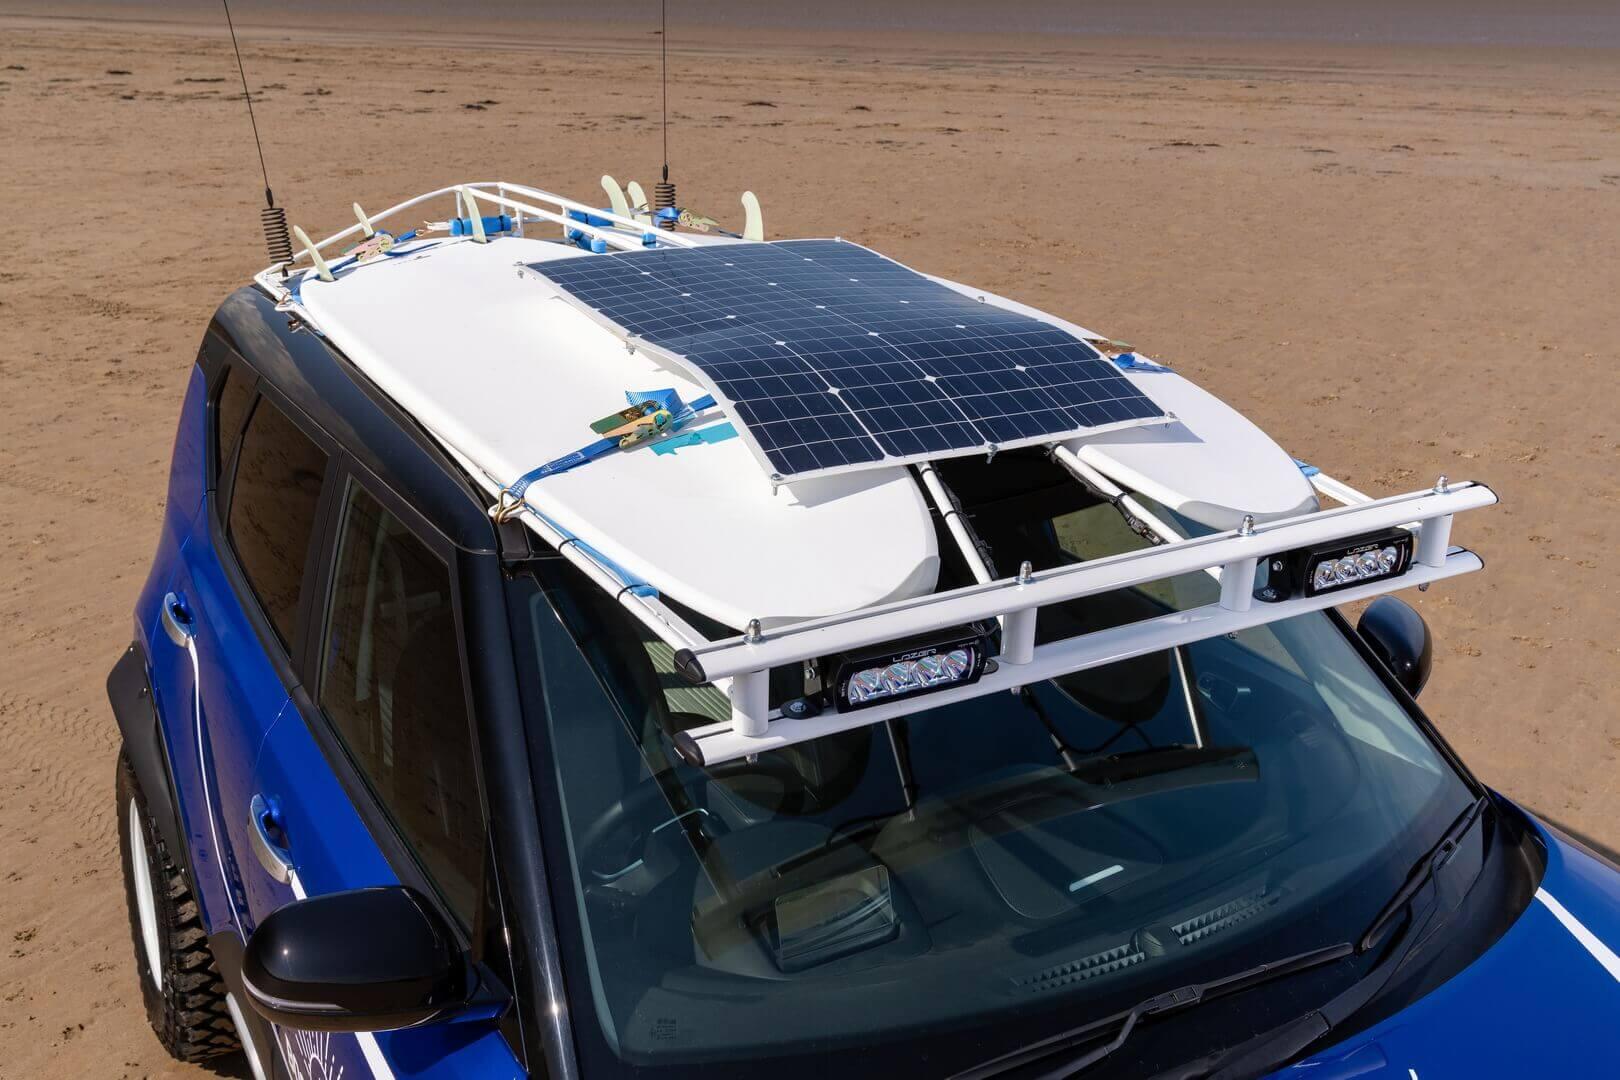 Светодиодный точечный прожектор и солнечная панель на крыше